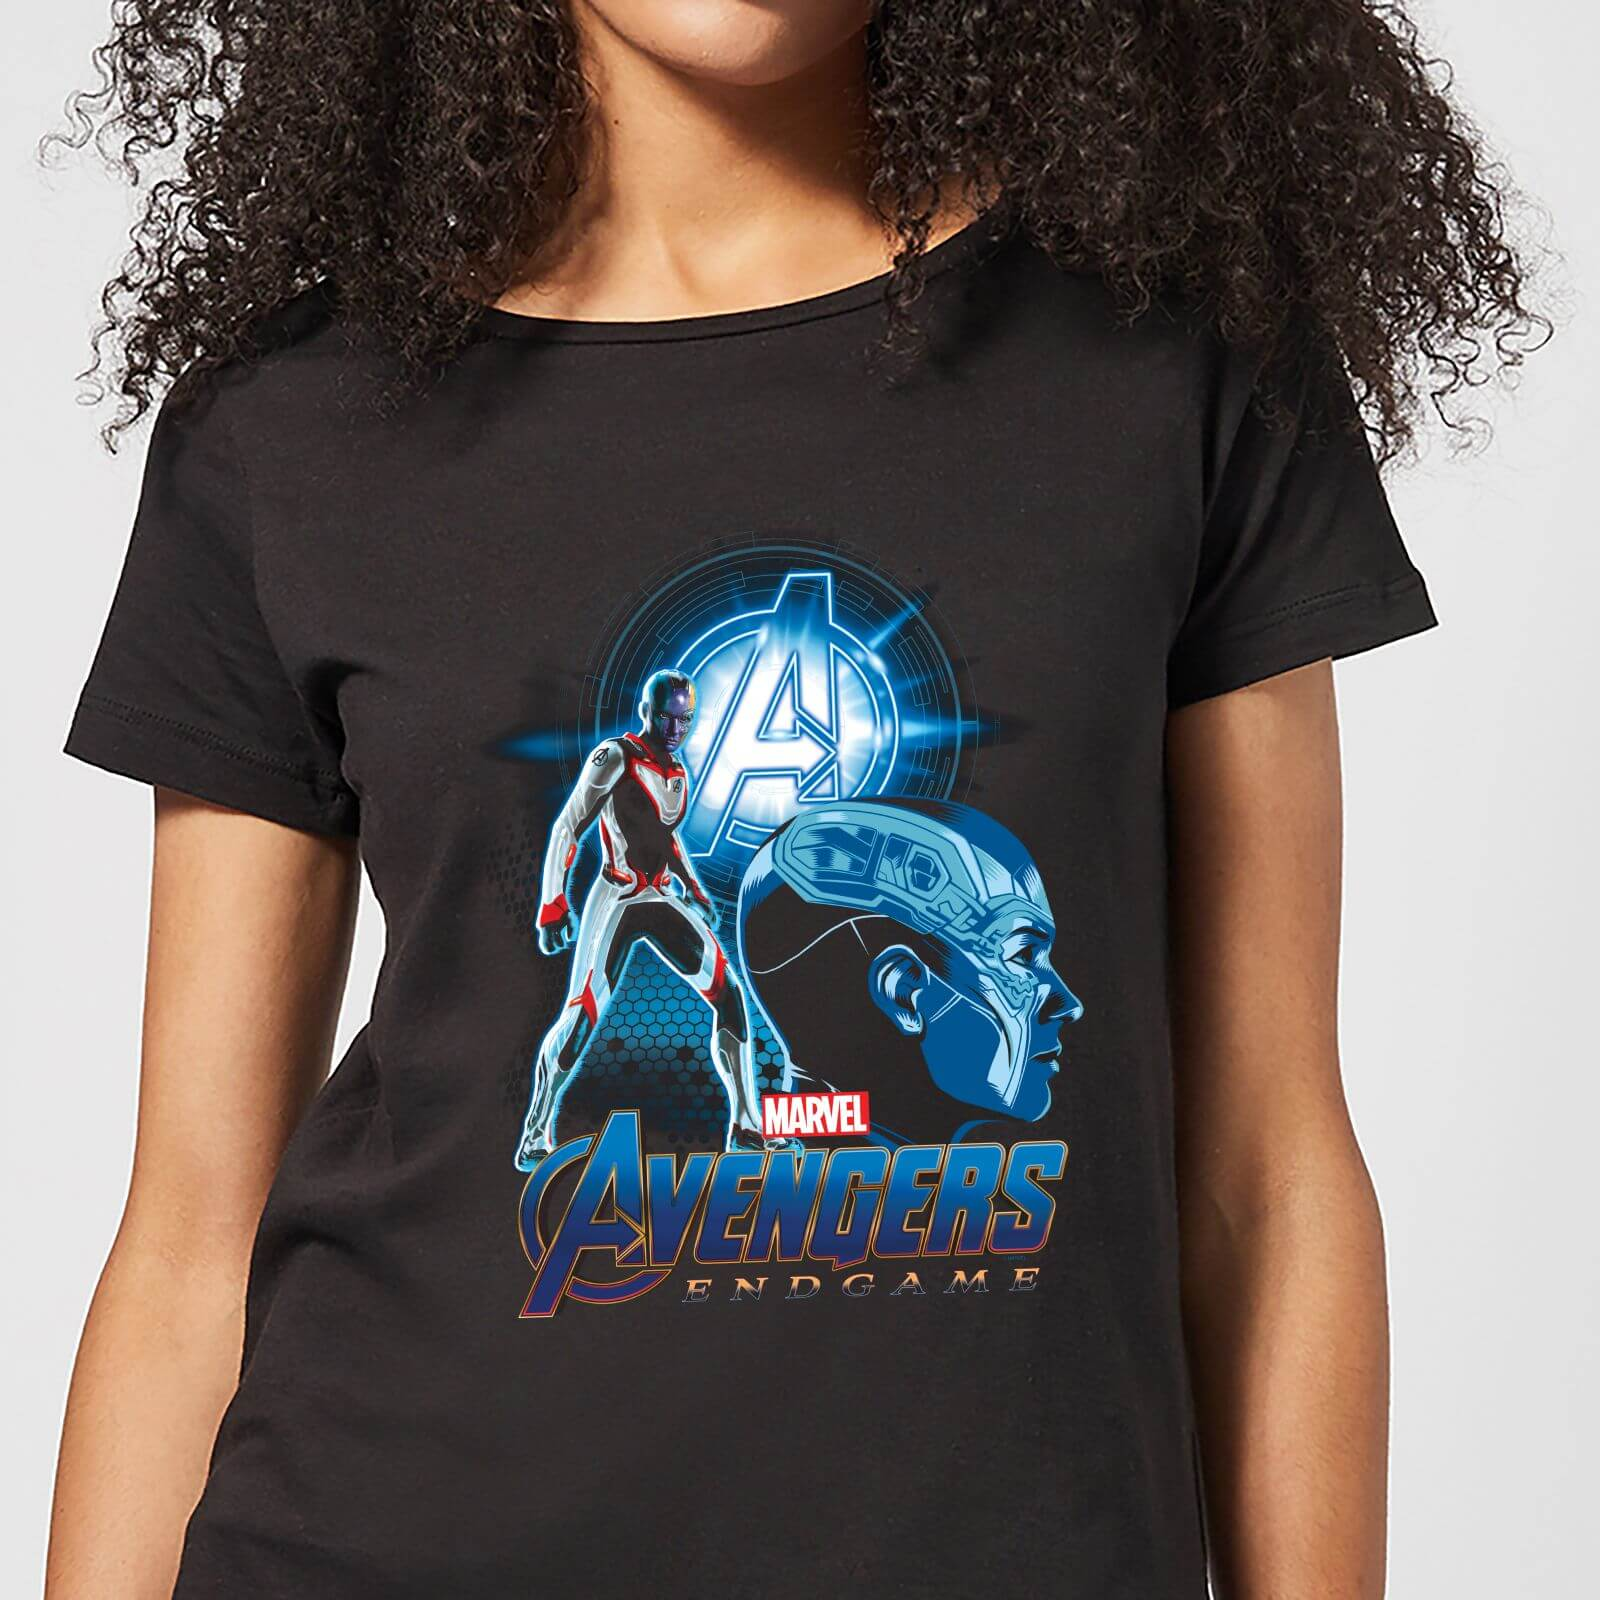 Avengers: Endgame Nebula Suit Women's T-Shirt - Black - XXL - Black